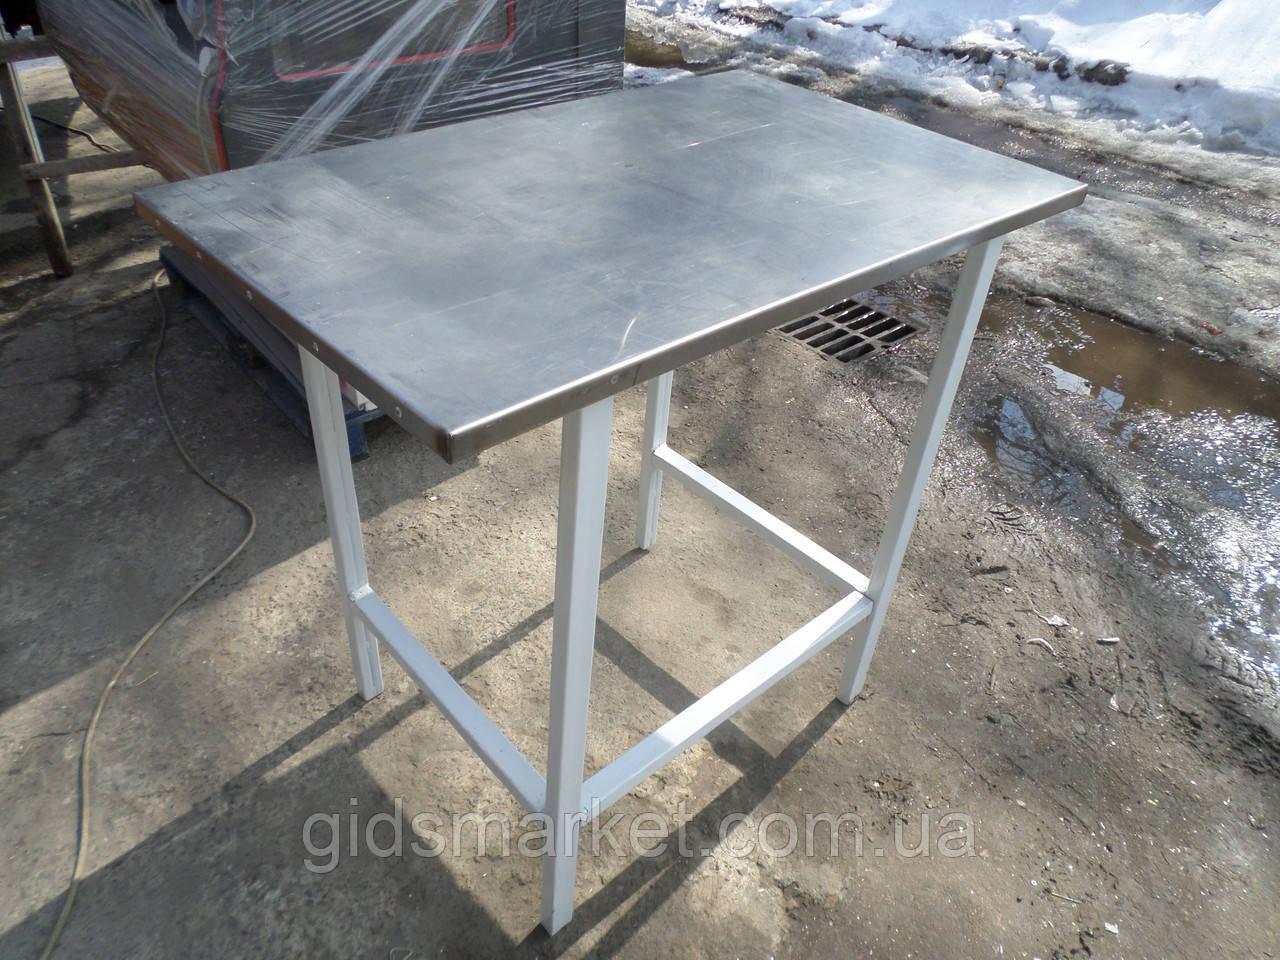 Стол с нержавейки б у., промышленный стол бу.